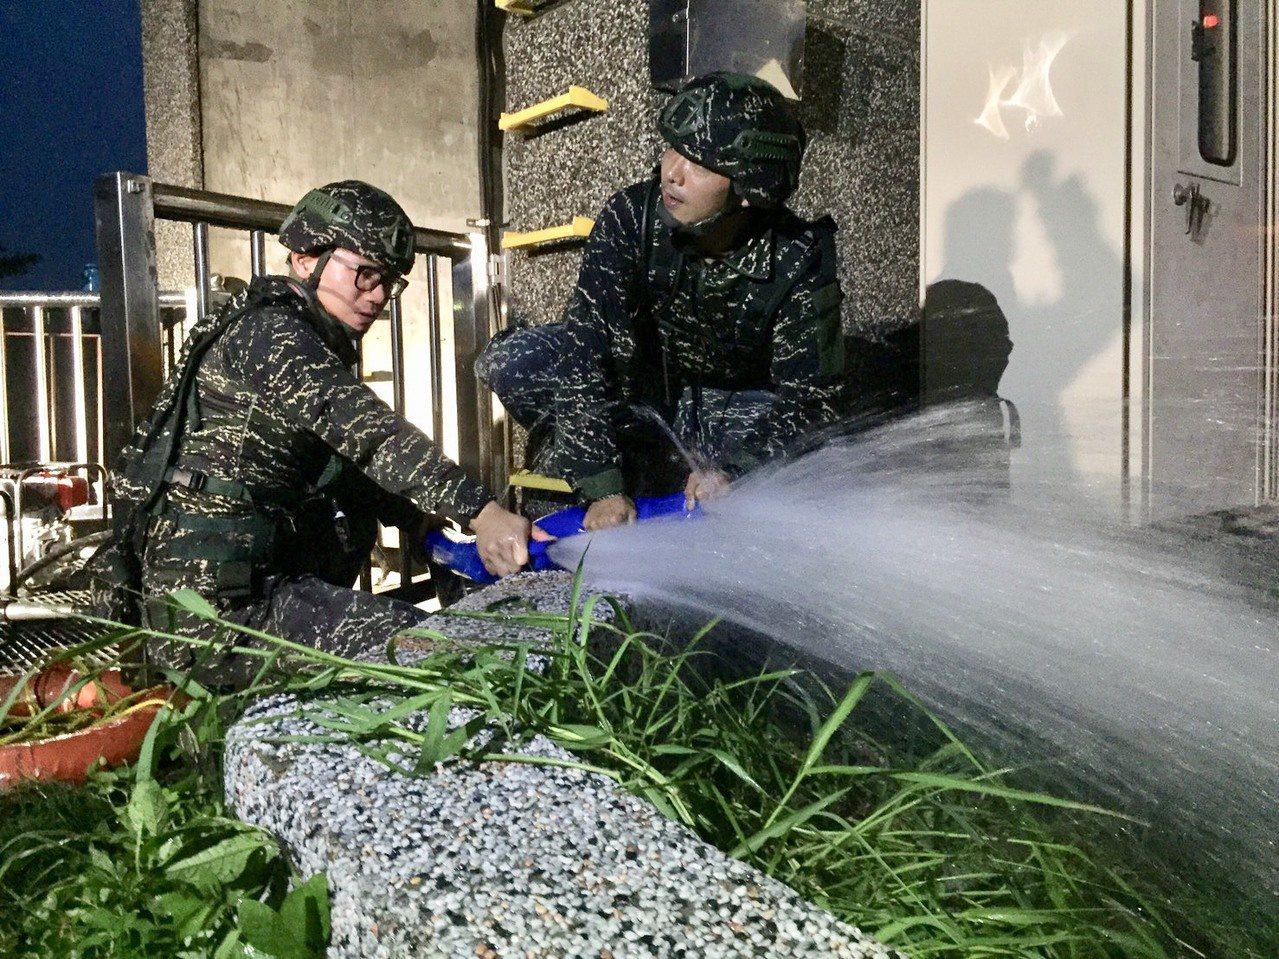 高雄市暴雨,市內多處淹水,陸戰隊攜抽水機赴楠梓協助抽水。圖/陸戰隊指揮部提供